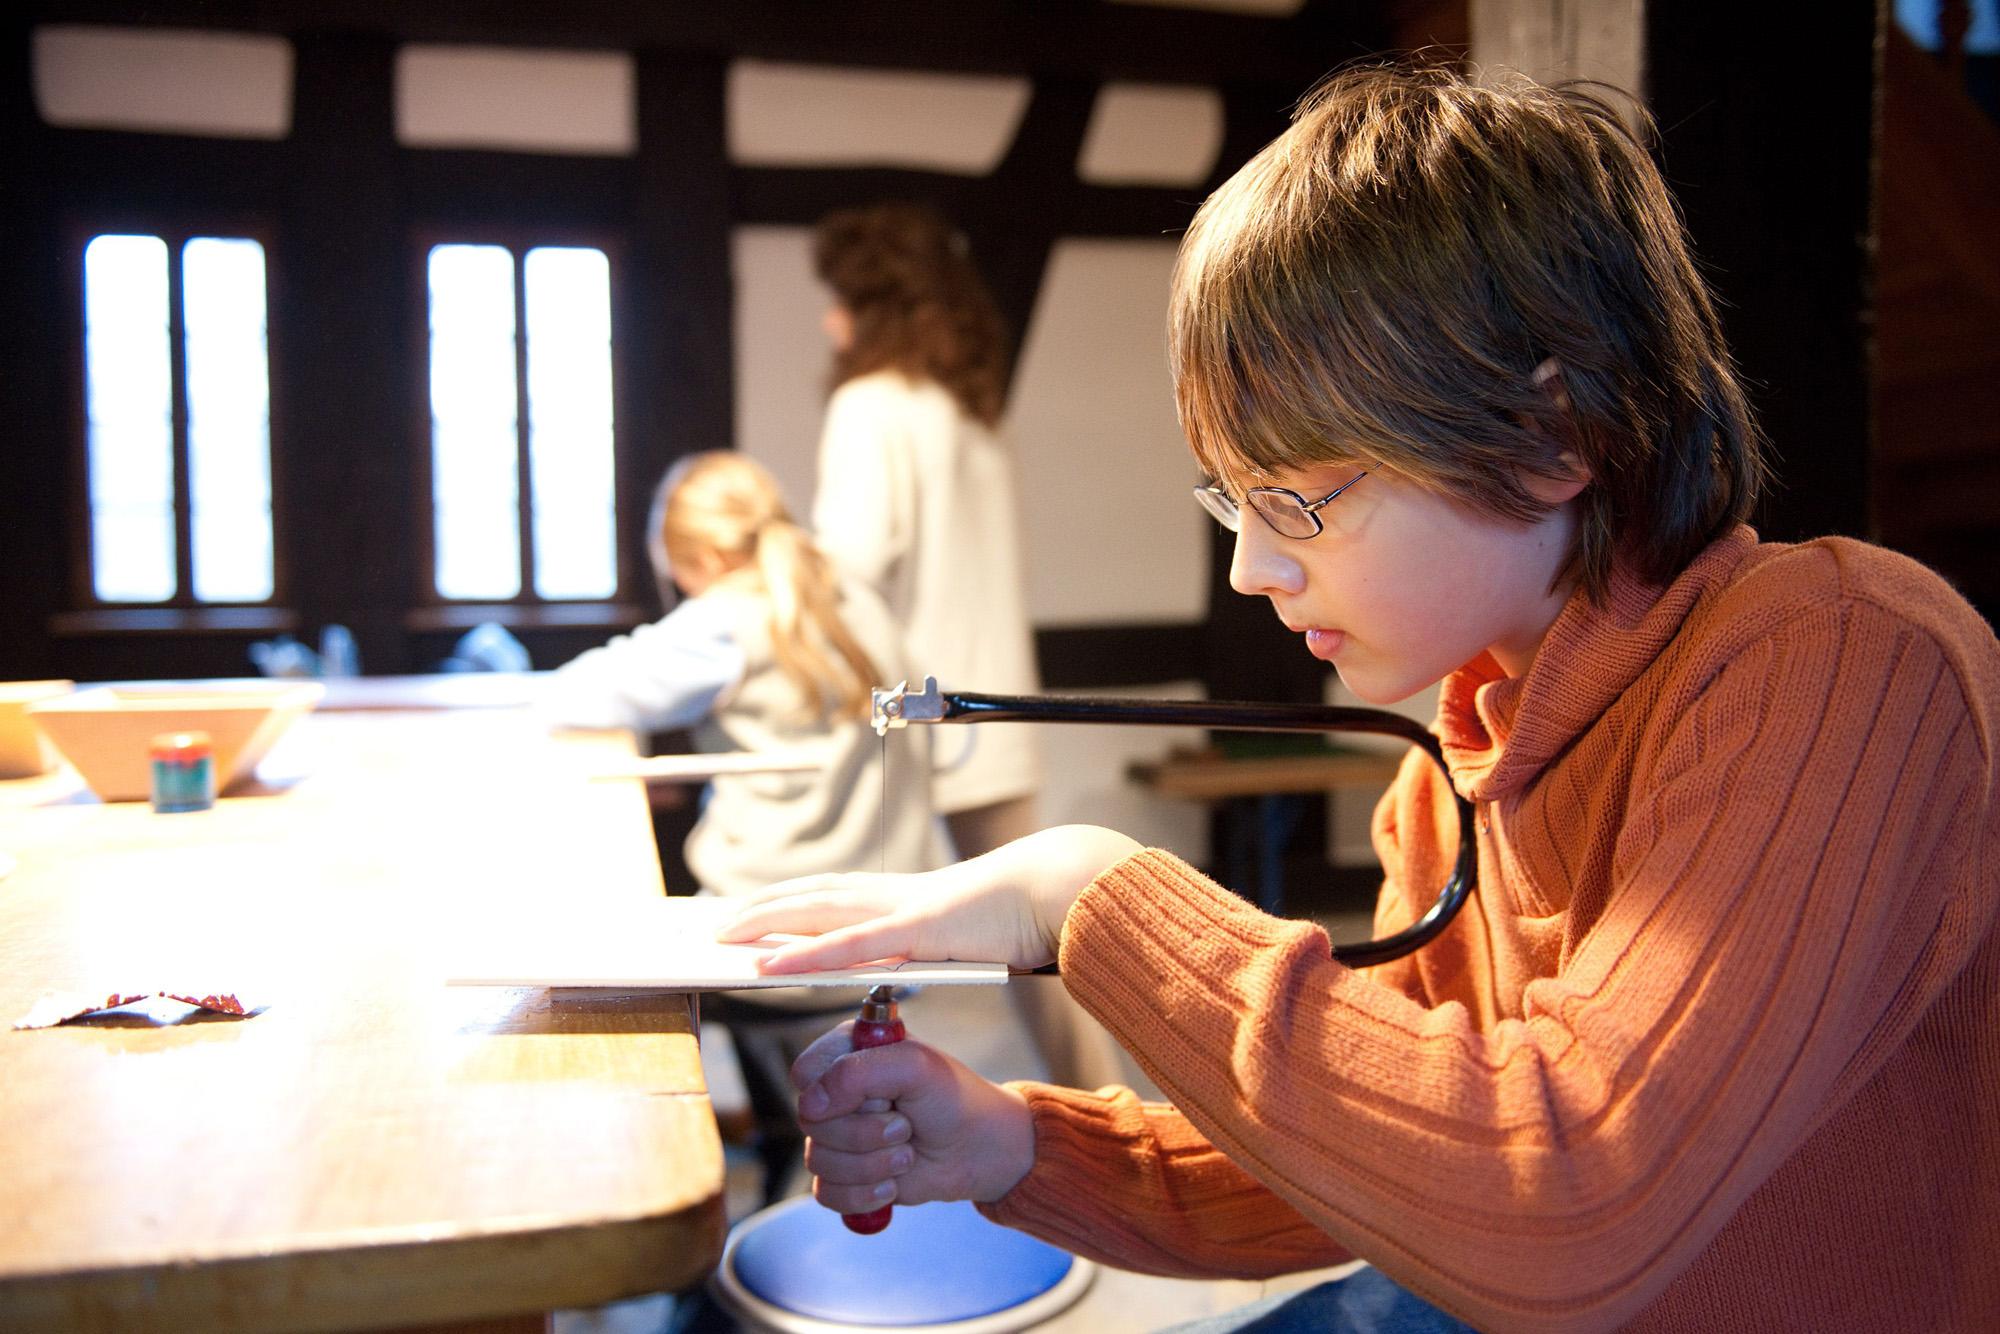 Ein Junge sägt ein Motiv an einem Tisch aus.